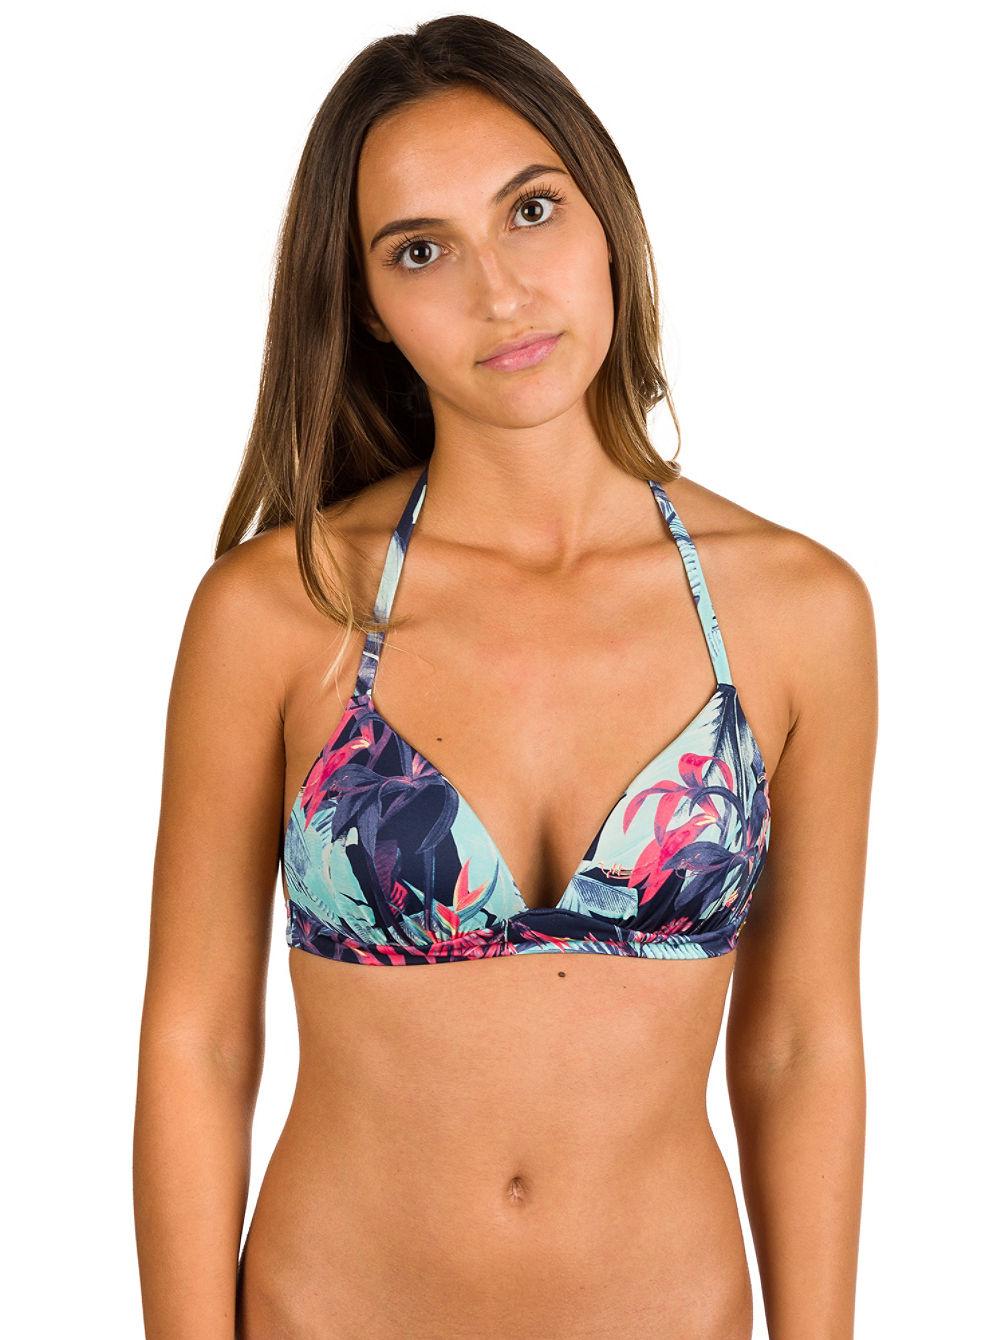 f3fd6b31655 Buy Roxy Prt Essentials Molded Tri Bikini Top online at Blue Tomato